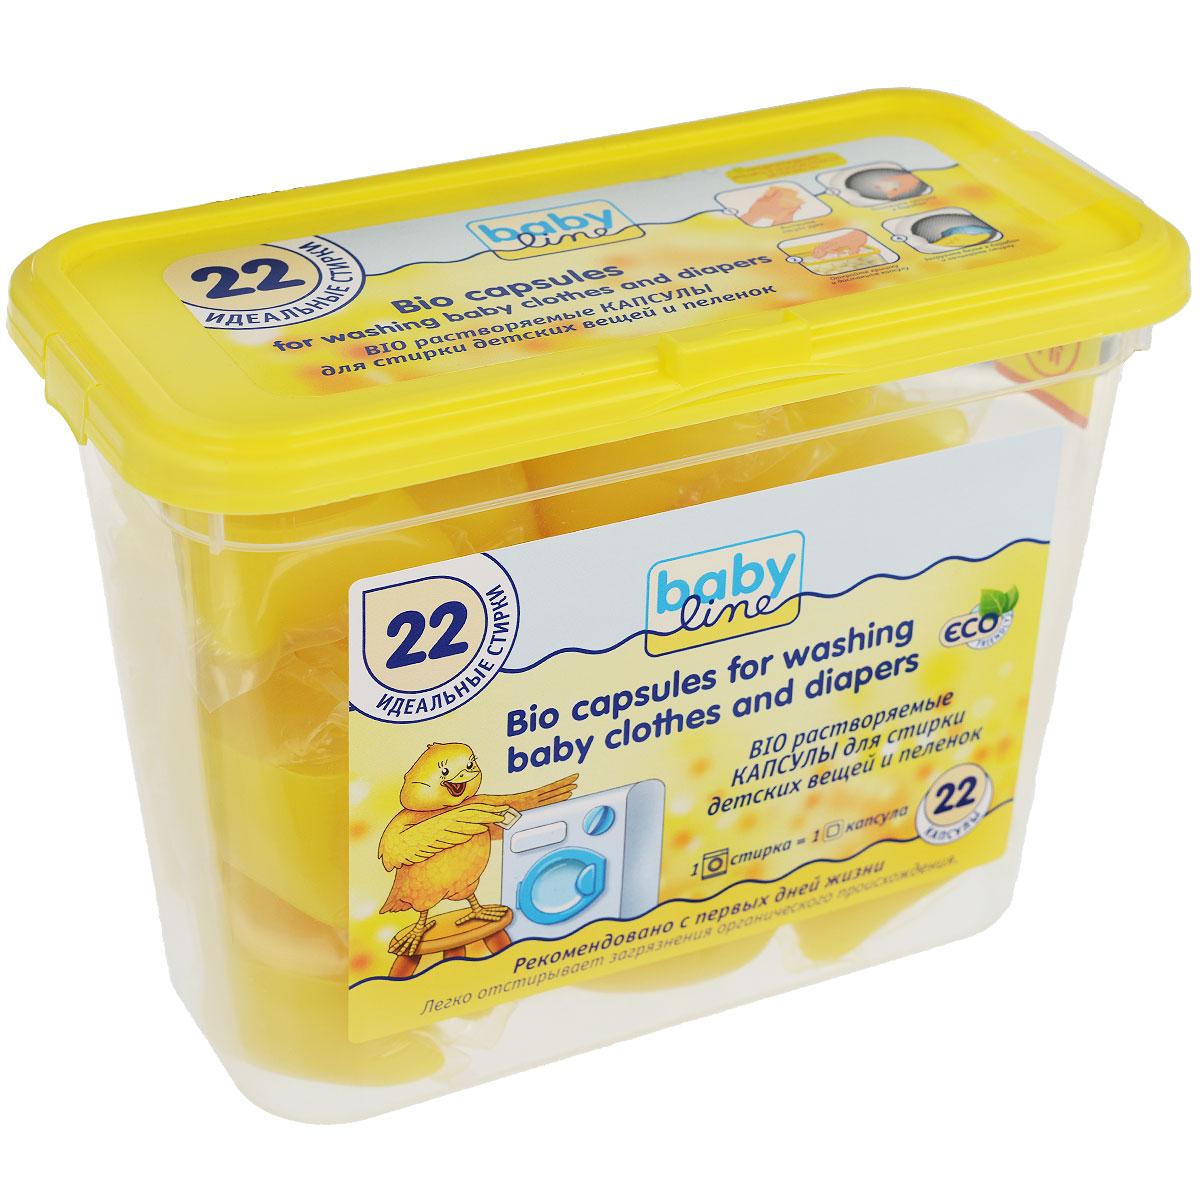 BabyLine BIO растворяемые капсулы для стирки детских вещей и пеленок, 22 шт